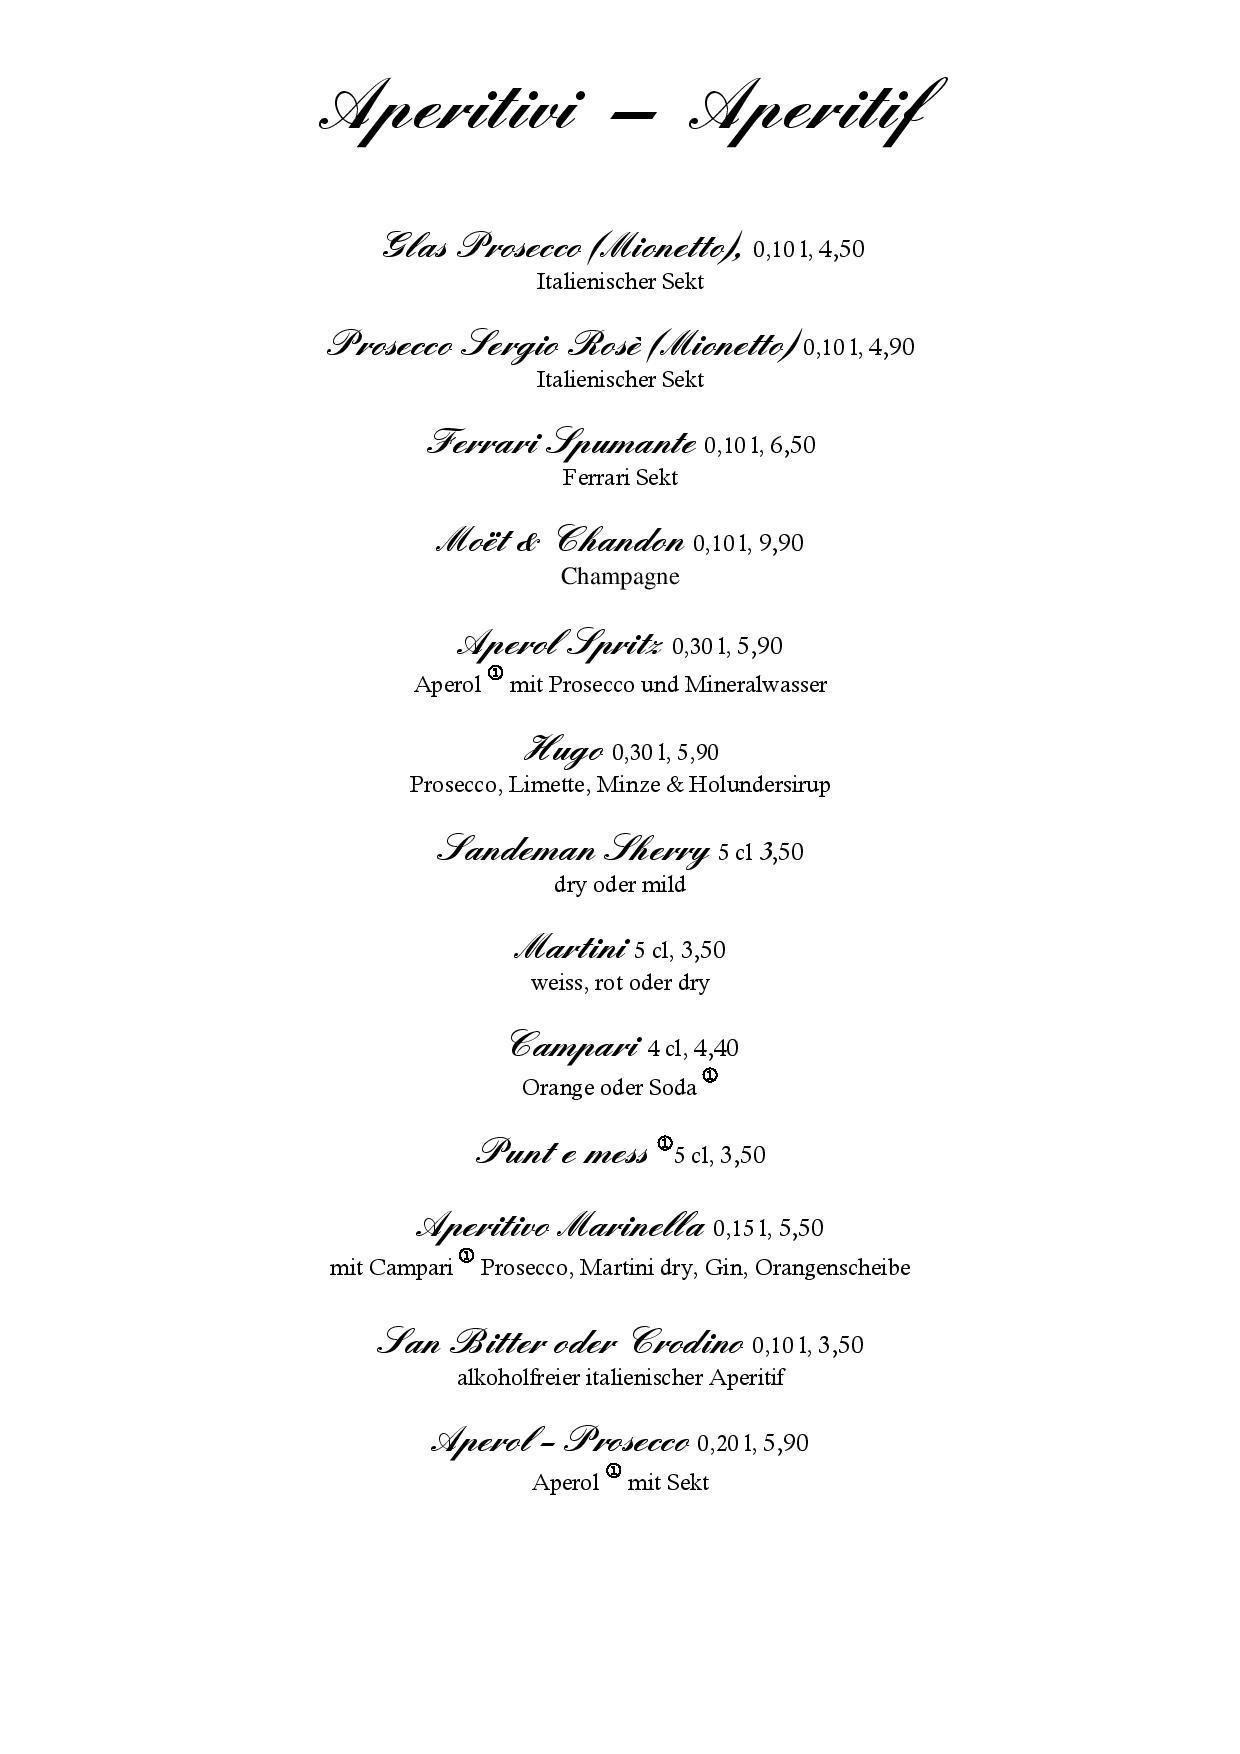 speisekarte-marinella-15-5-21-page-003